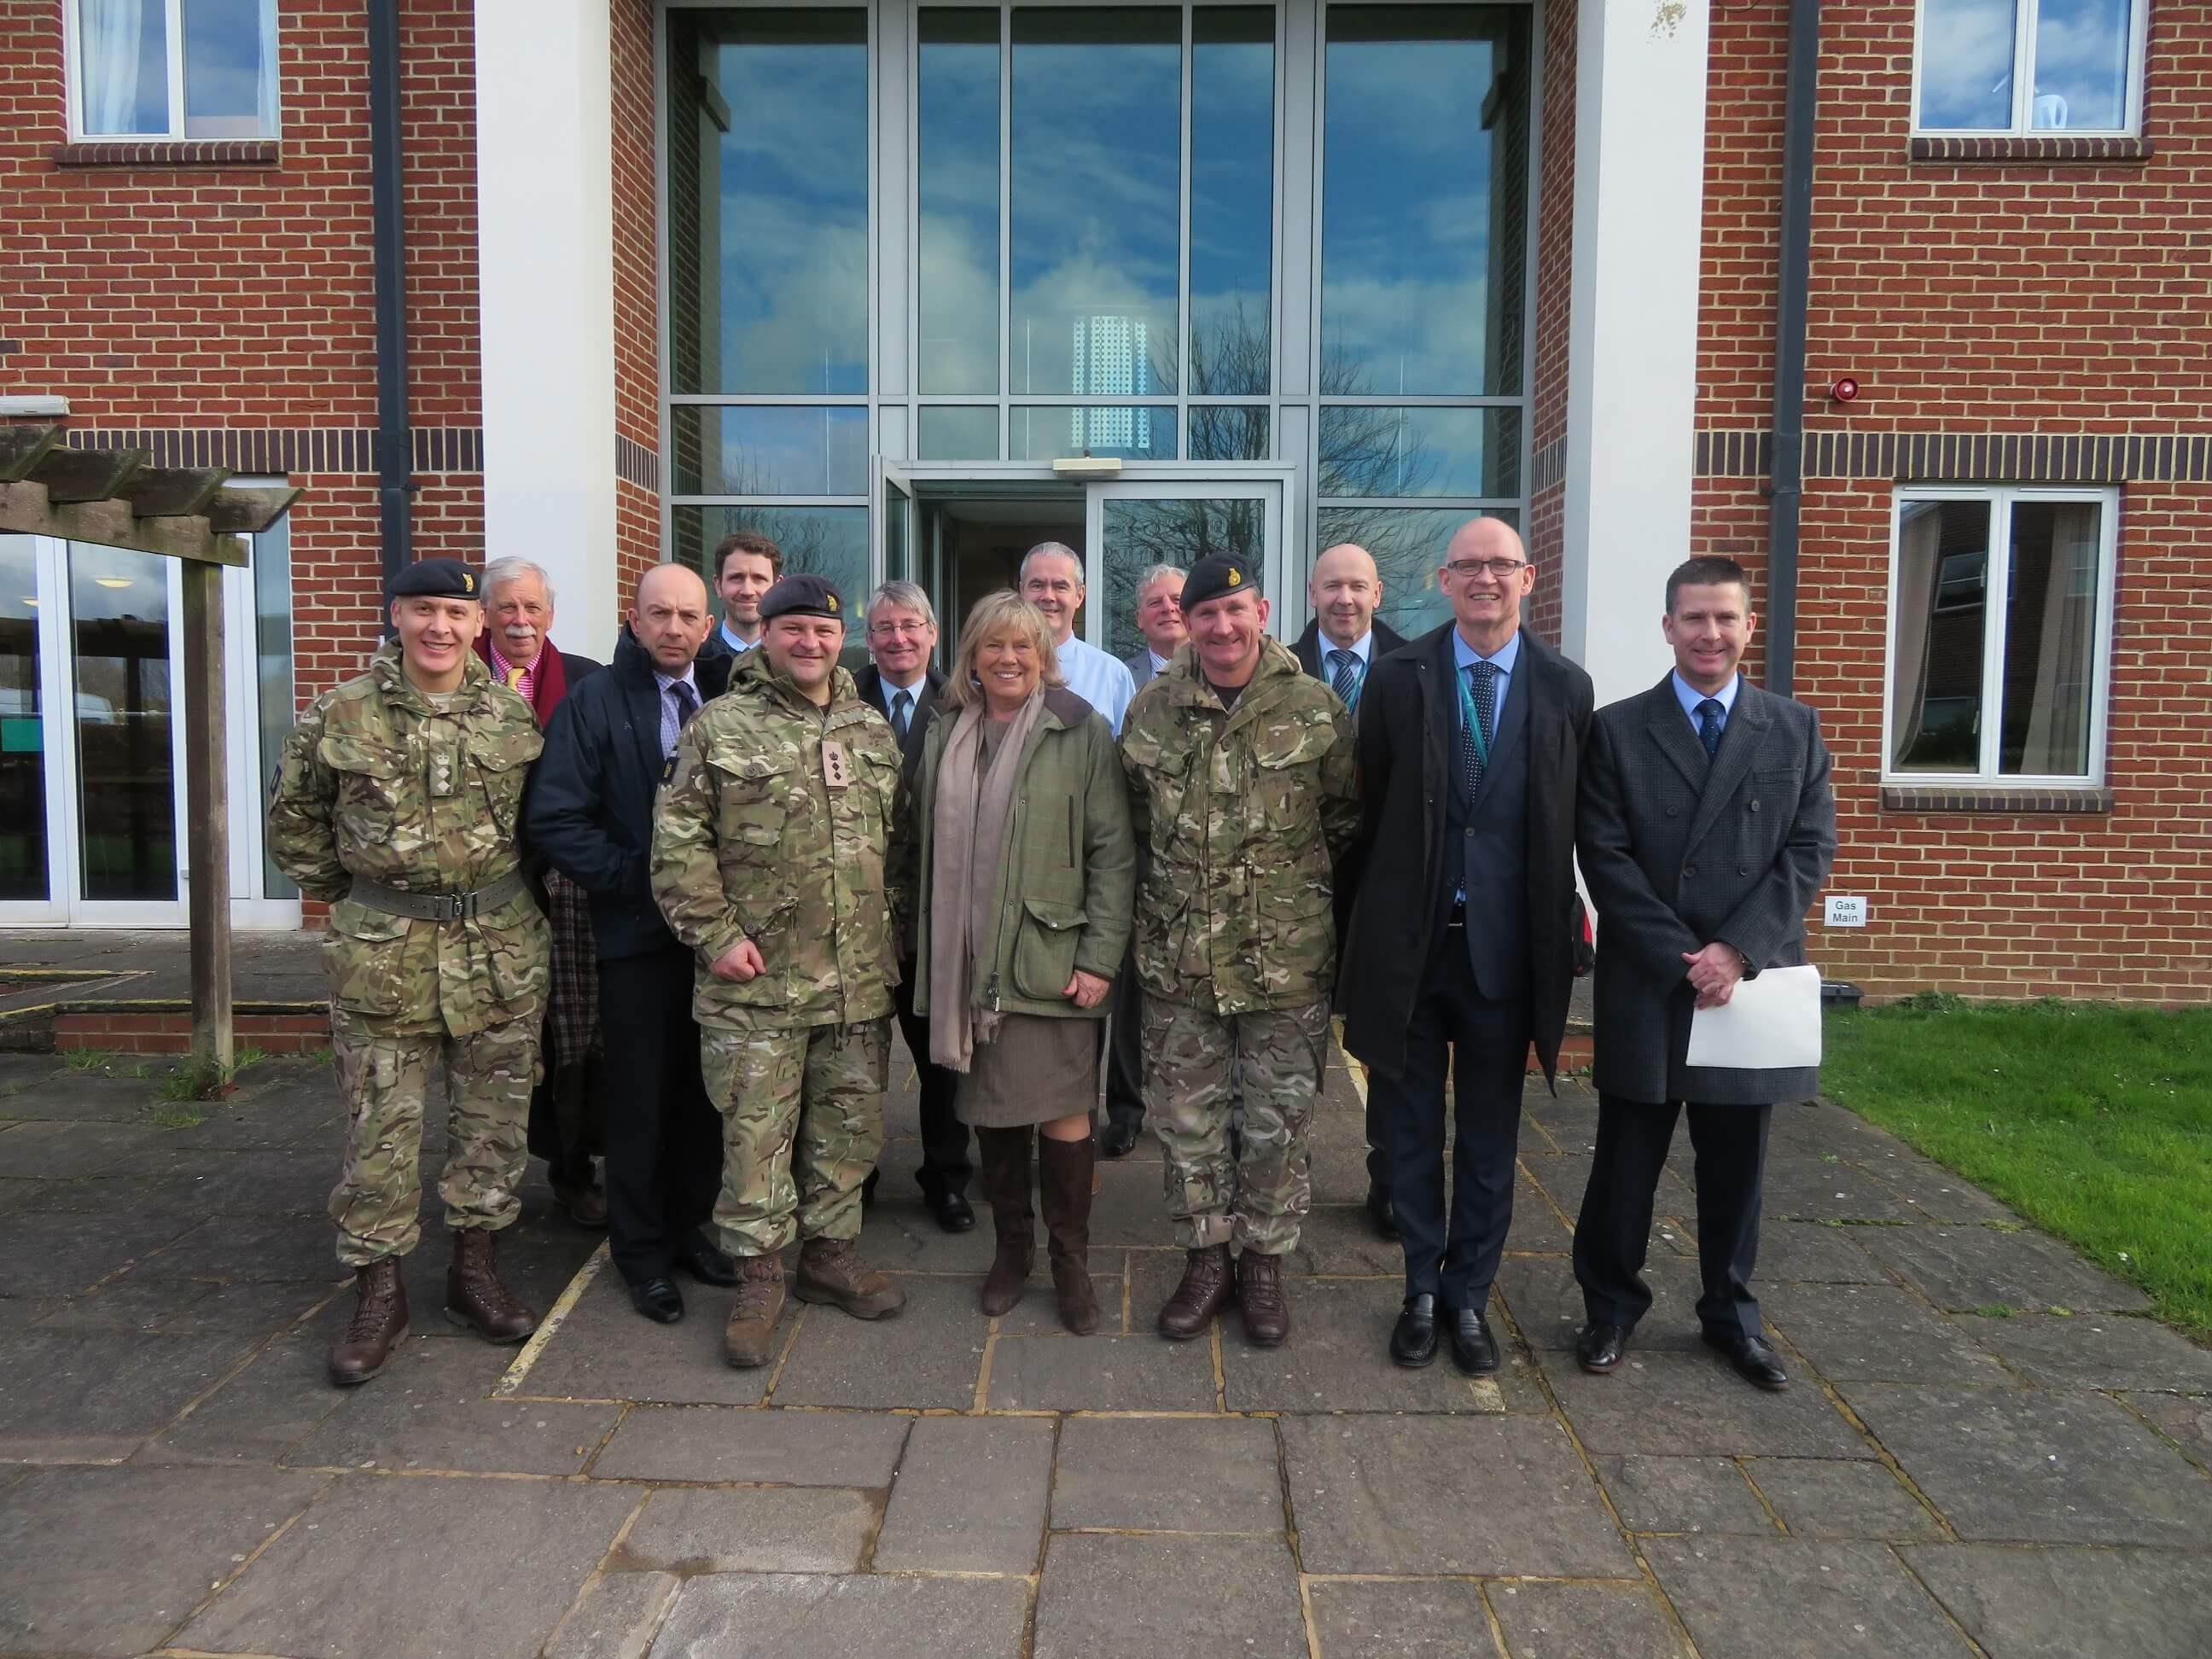 Wiltshire Council visit - group